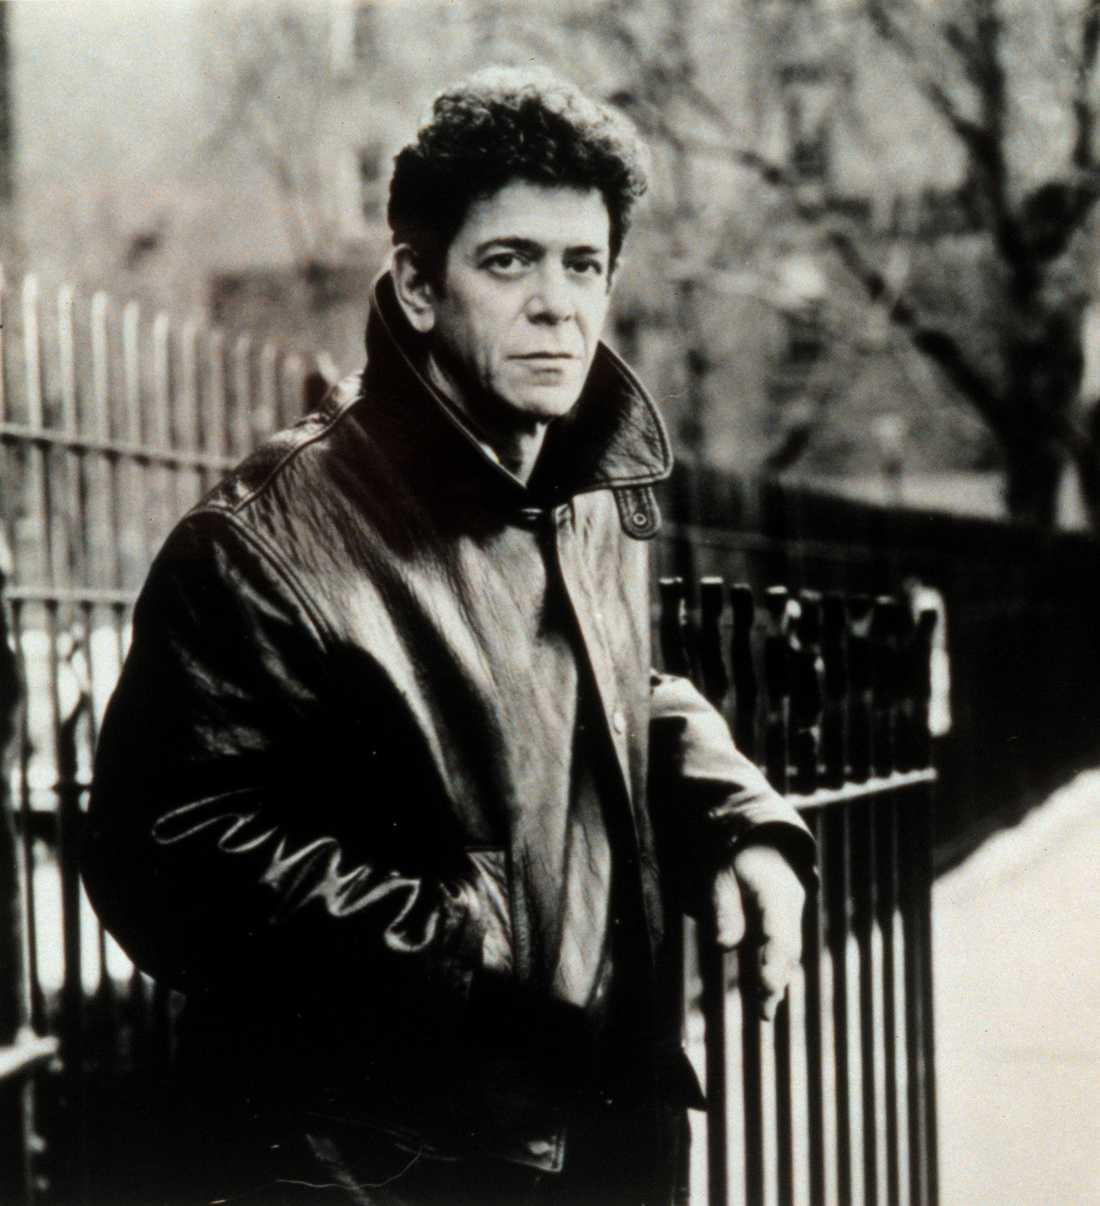 LOU REED 1942-2013.  Efter en tids sjukdom dog Lou Reed den 27 oktober, 71 år gammal. Lou Reed var medlem i den inflytelserika rockgruppen The Velvet Underground, men var även framgångsrik som soloartist. Reed samarbetade mycket med musikern John Cale, en duo som vunnit många kritikers hjärtan. Reeds största hit är låten Perfect day.